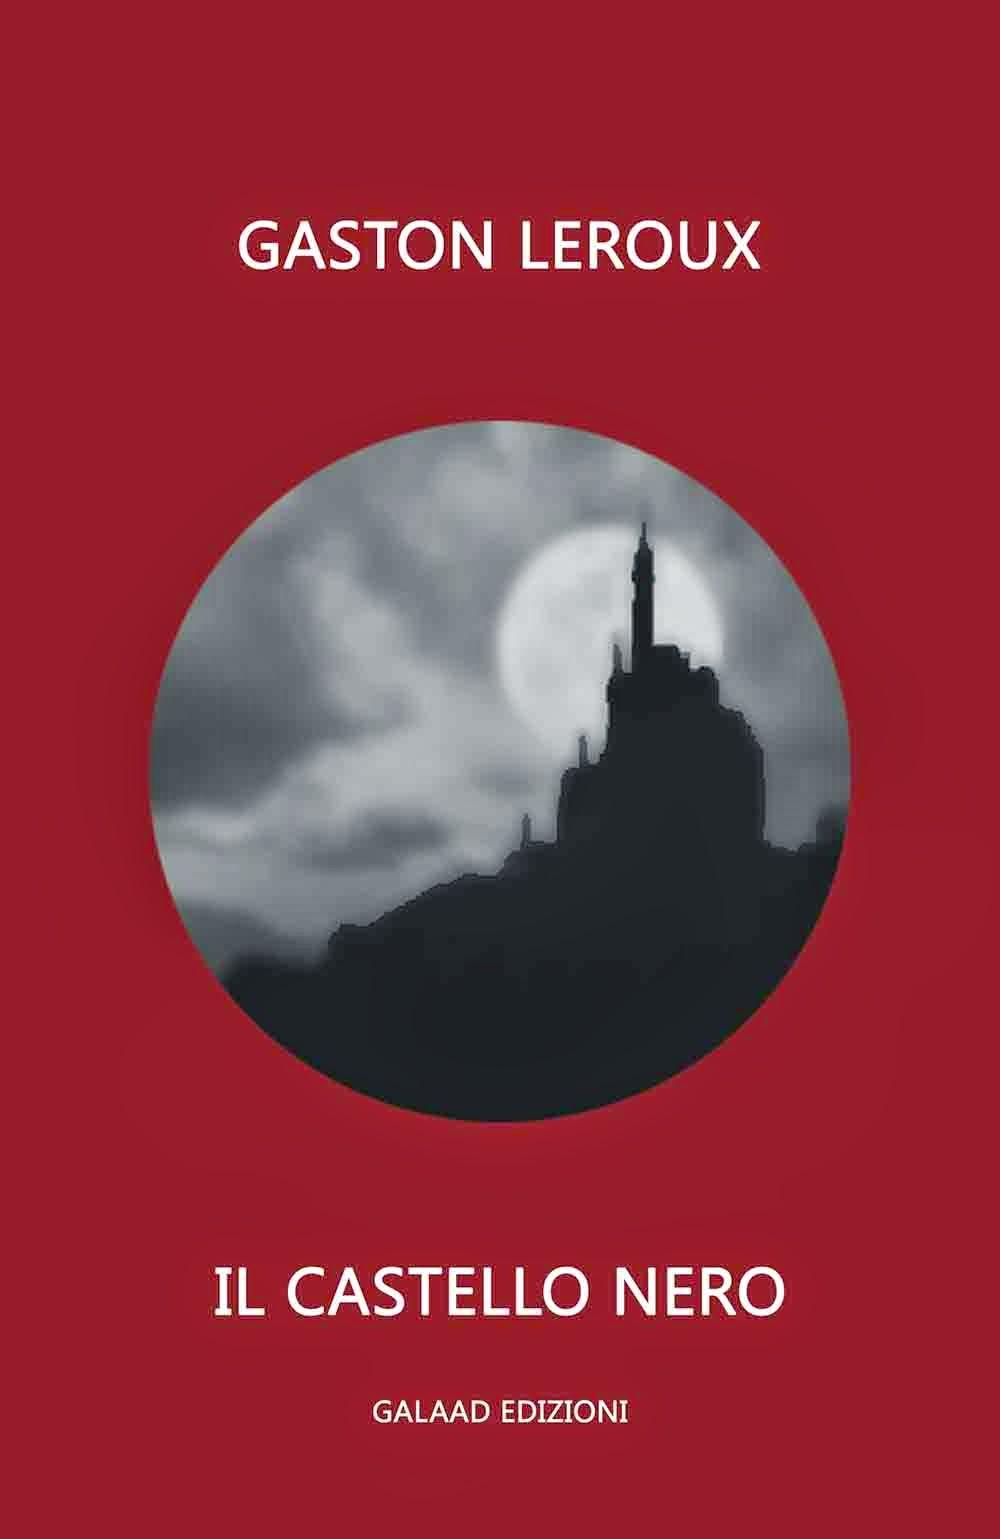 http://sognandoleggendo.net/segnalazione-il-castello-nero-di-gaston-leroux/